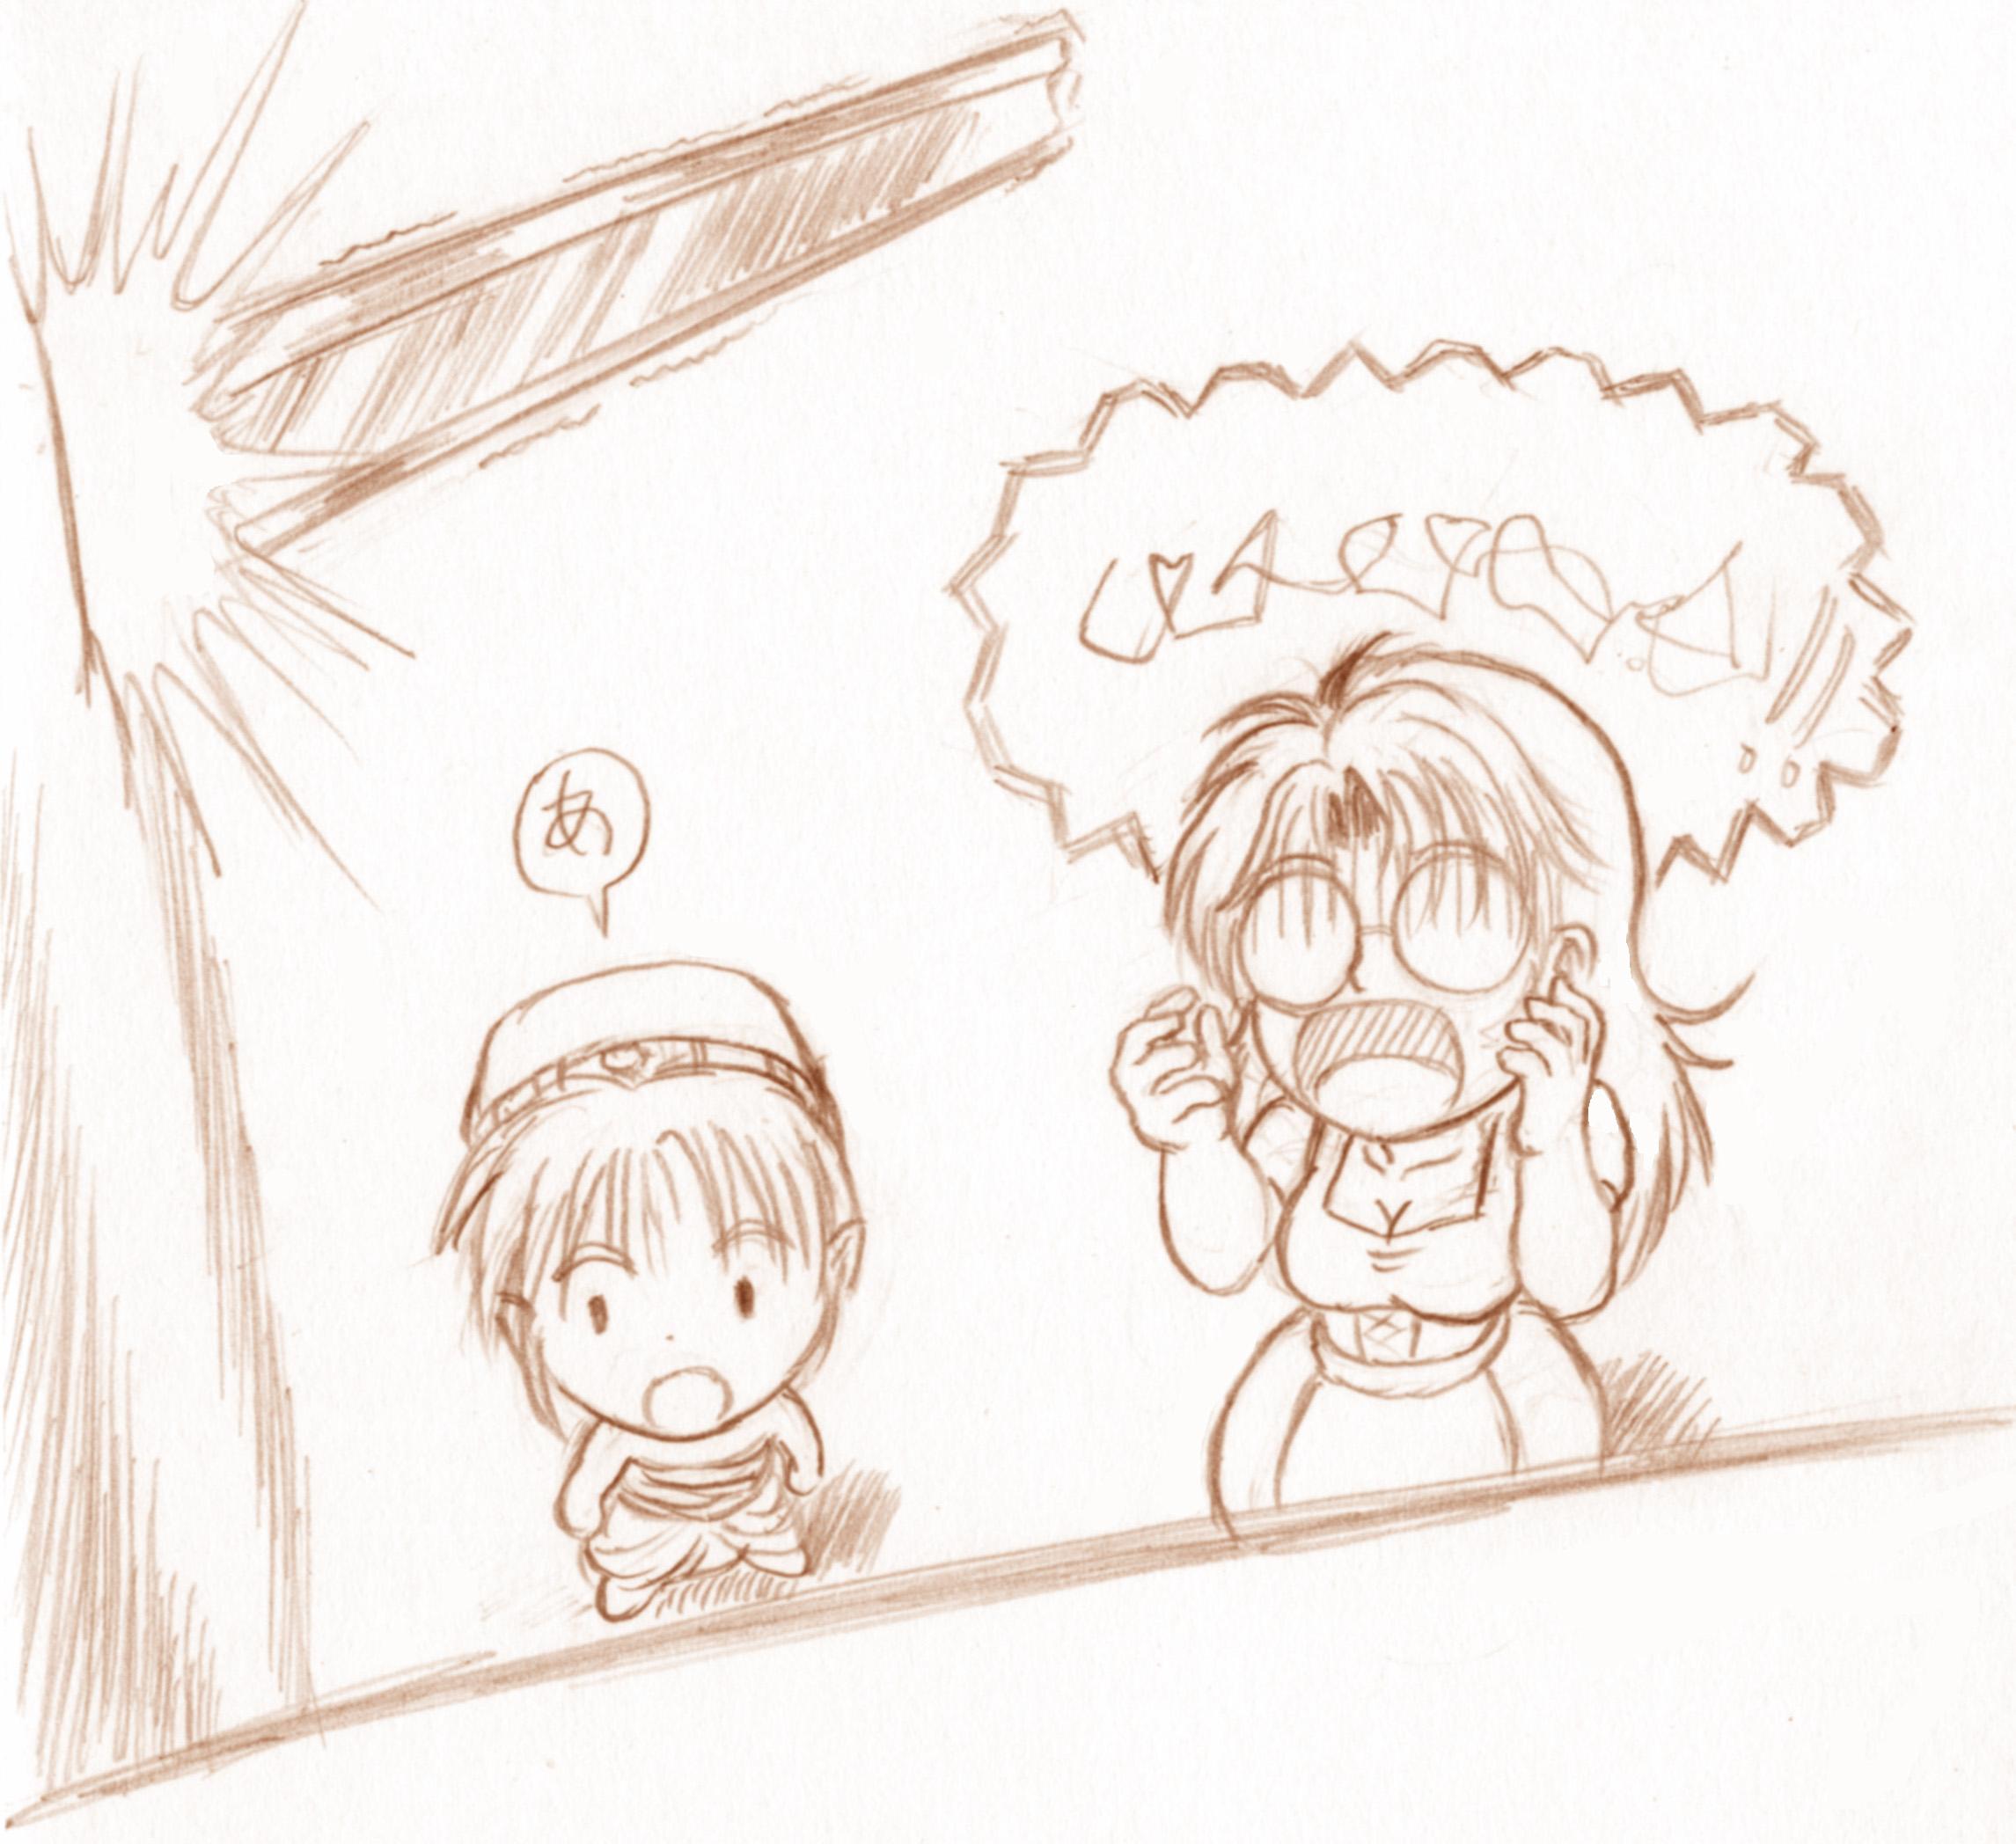 鋼挿絵7話2